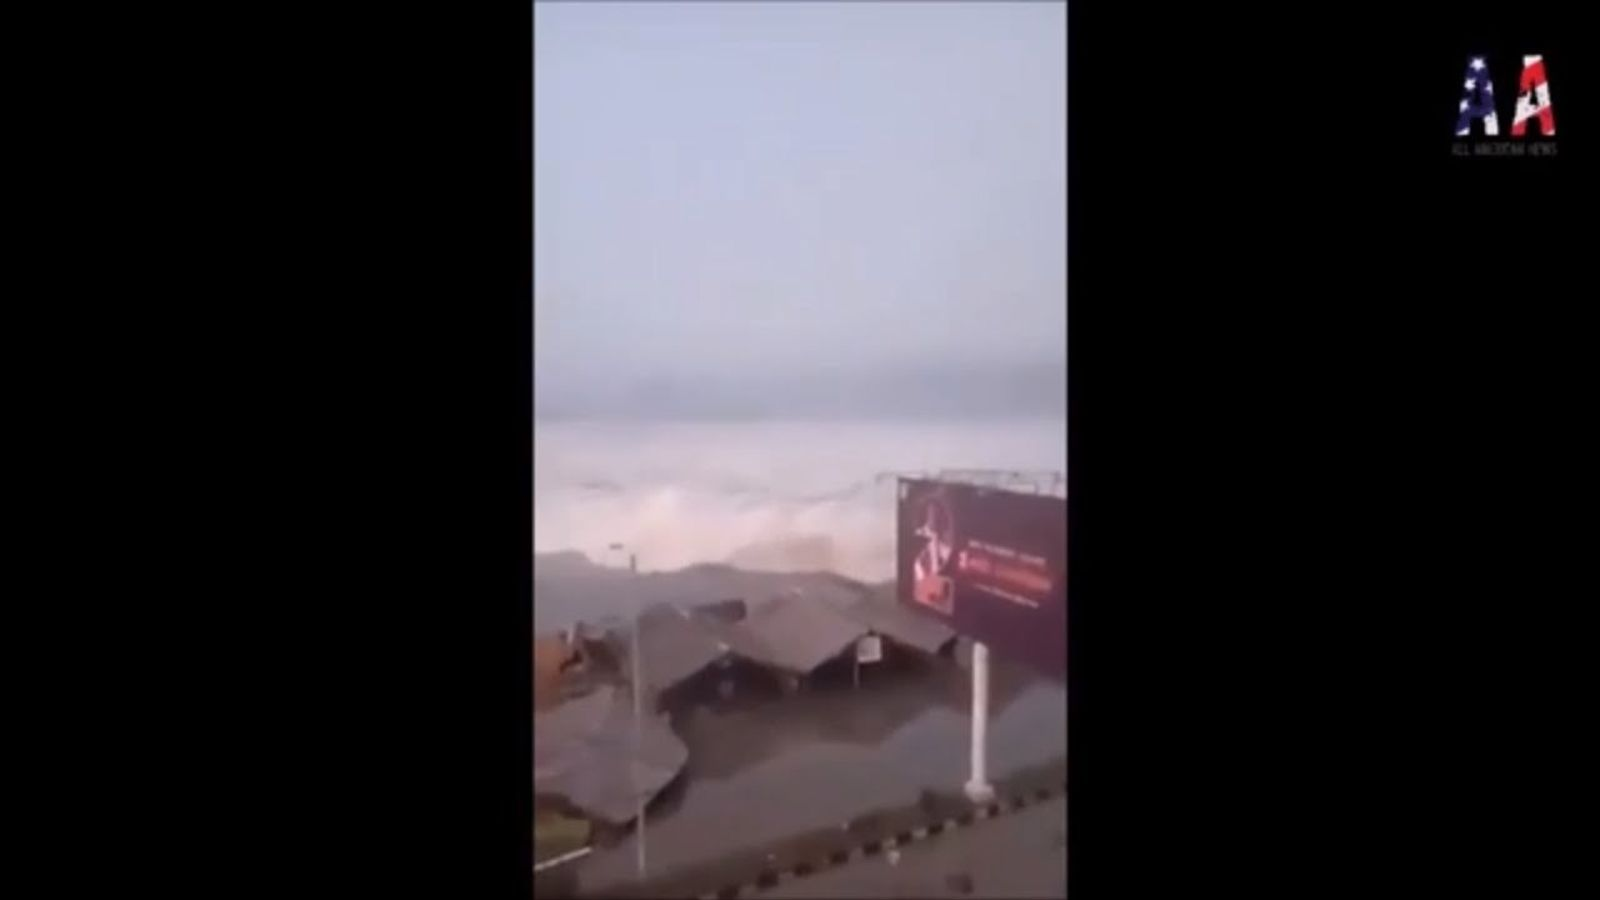 Un tsunami d'onades de fins a tres metres colpeja una illa d'Indonèsia després d'un terratrèmol de 7,5